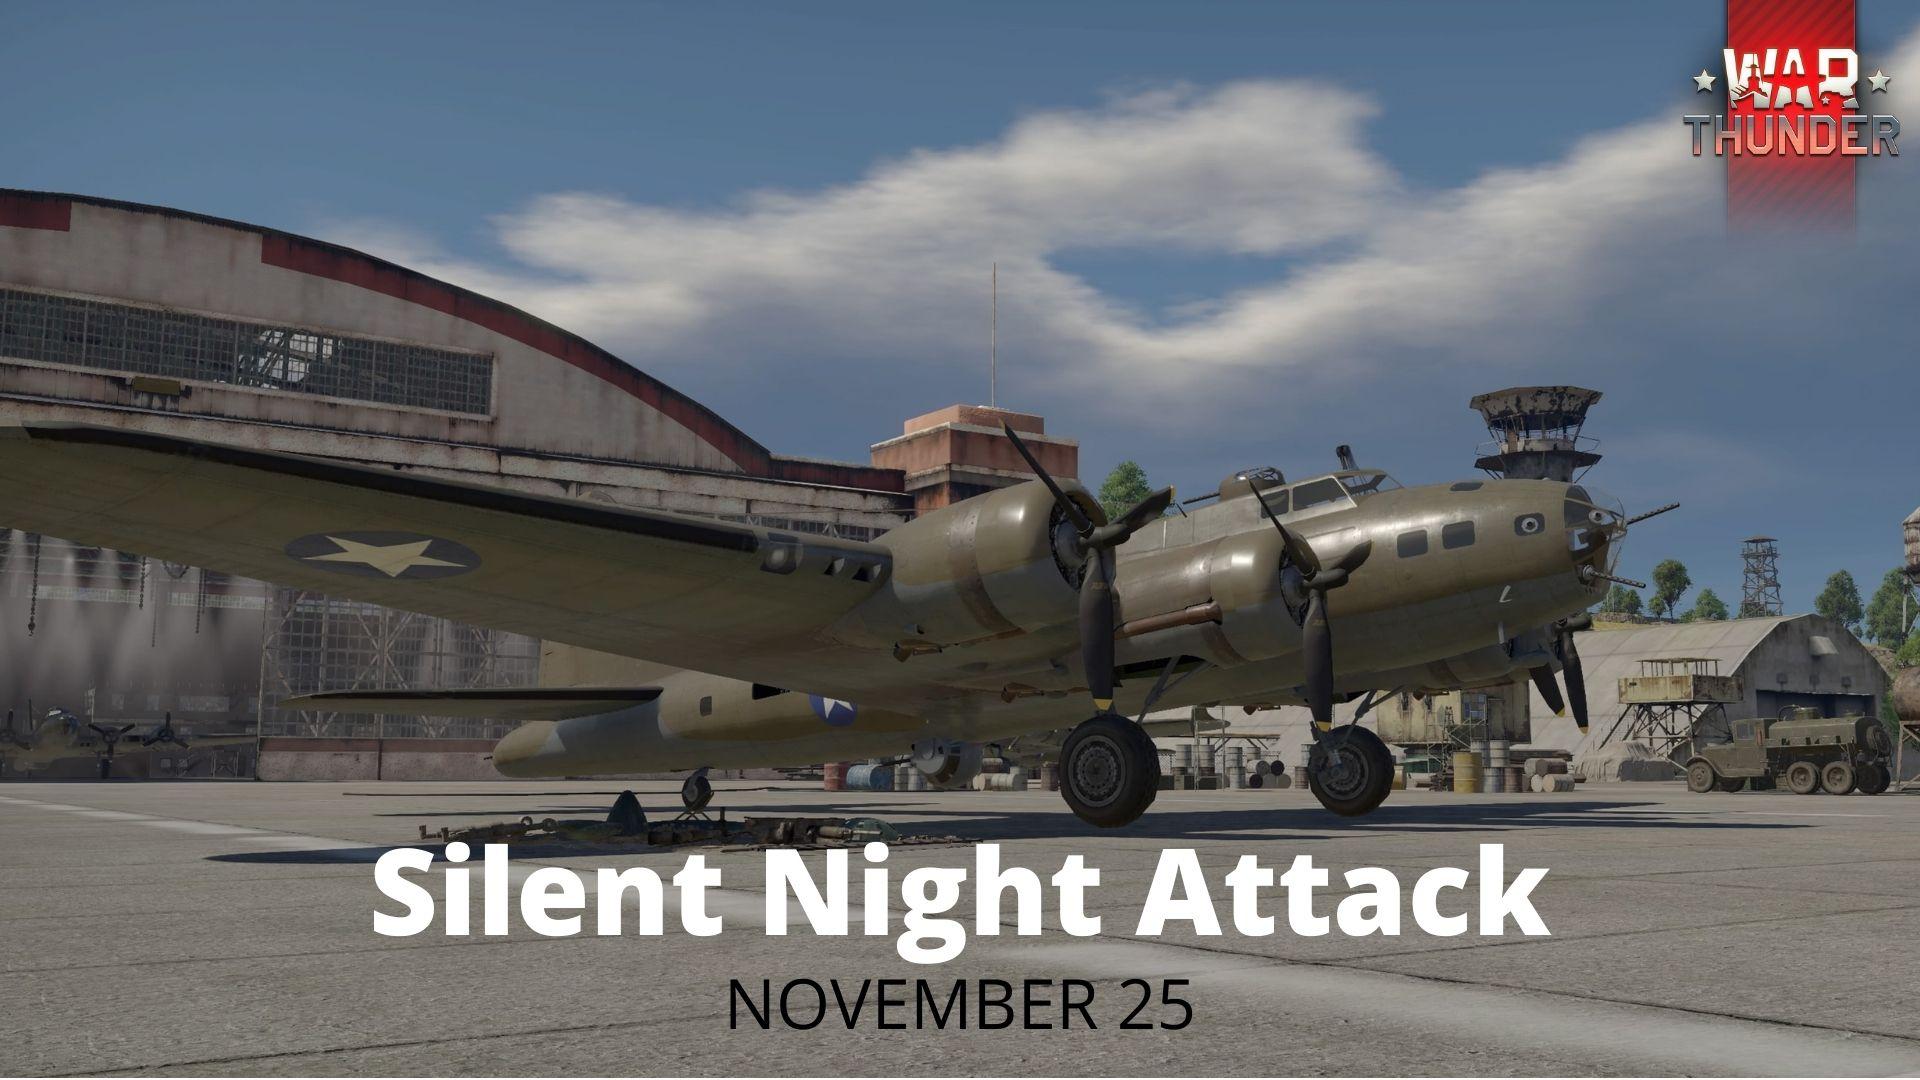 Silent Night Attack - War Thunder Movie